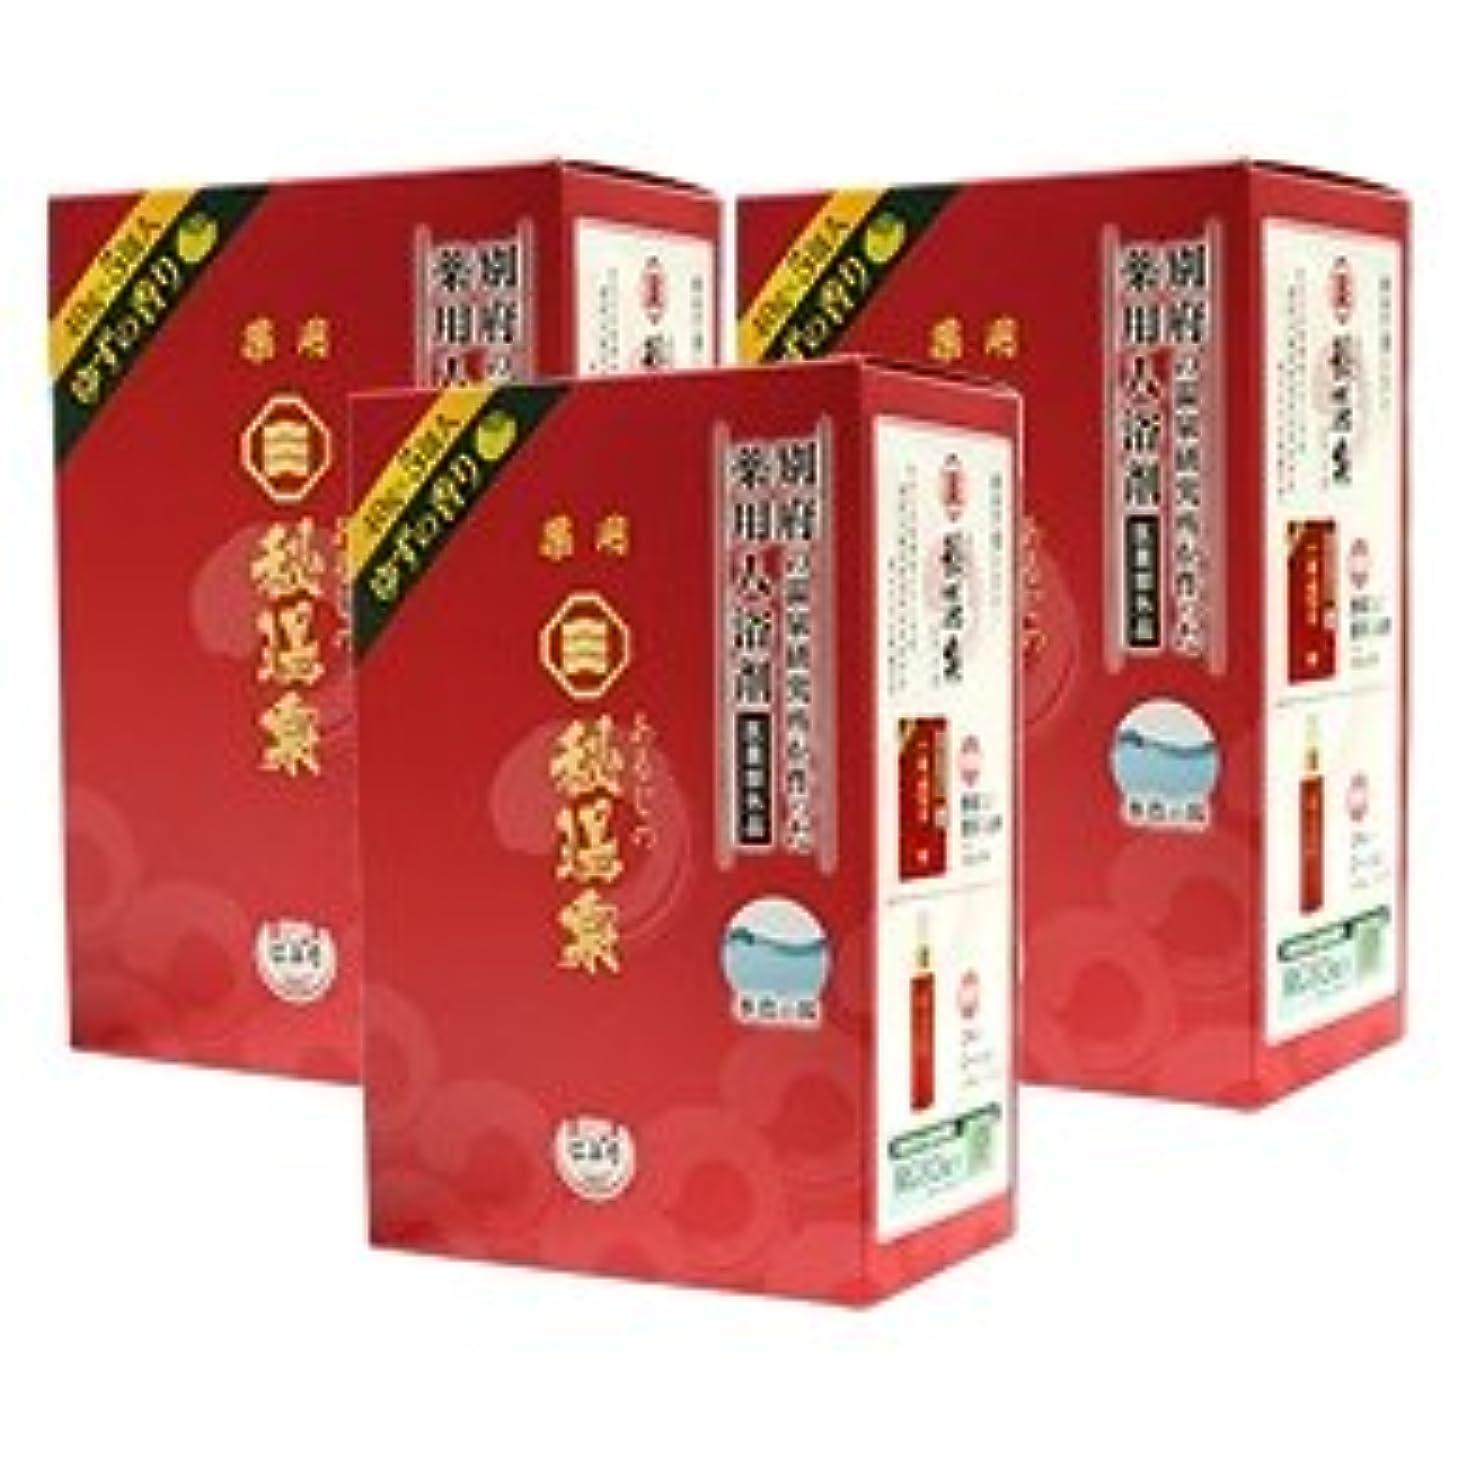 カテナ奨励ハチ薬用入浴剤 あるじの秘湯泉 ×3箱(1箱5包入り)セット